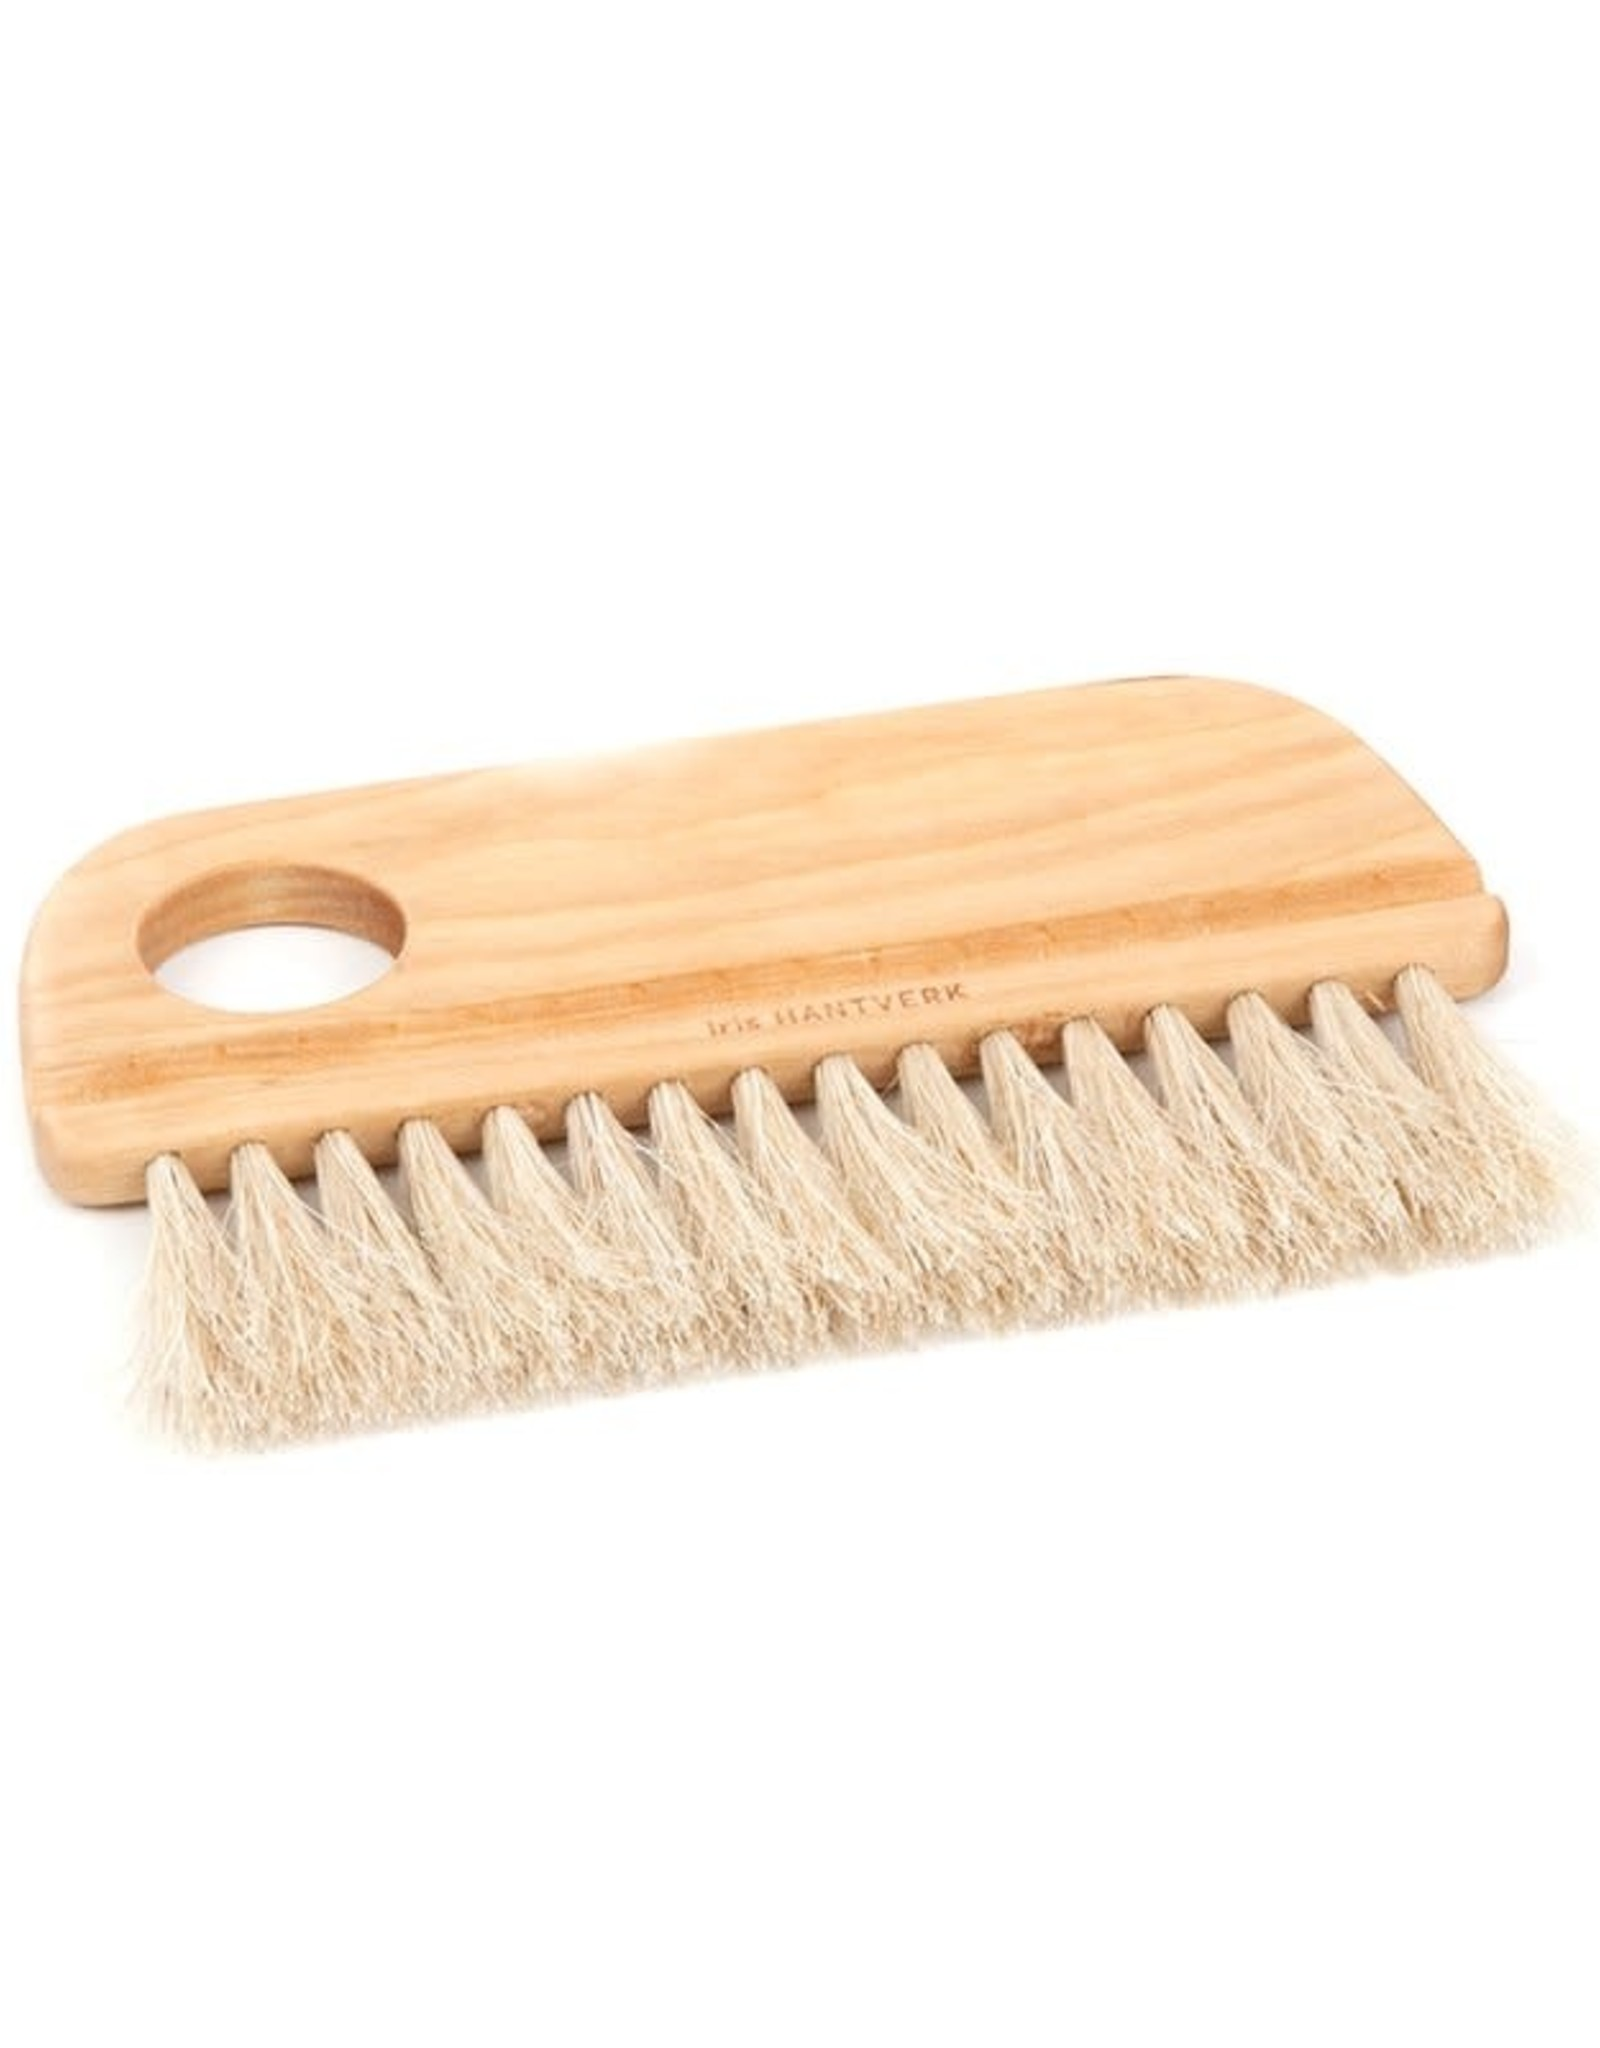 Iris Hantverk Baker Brush